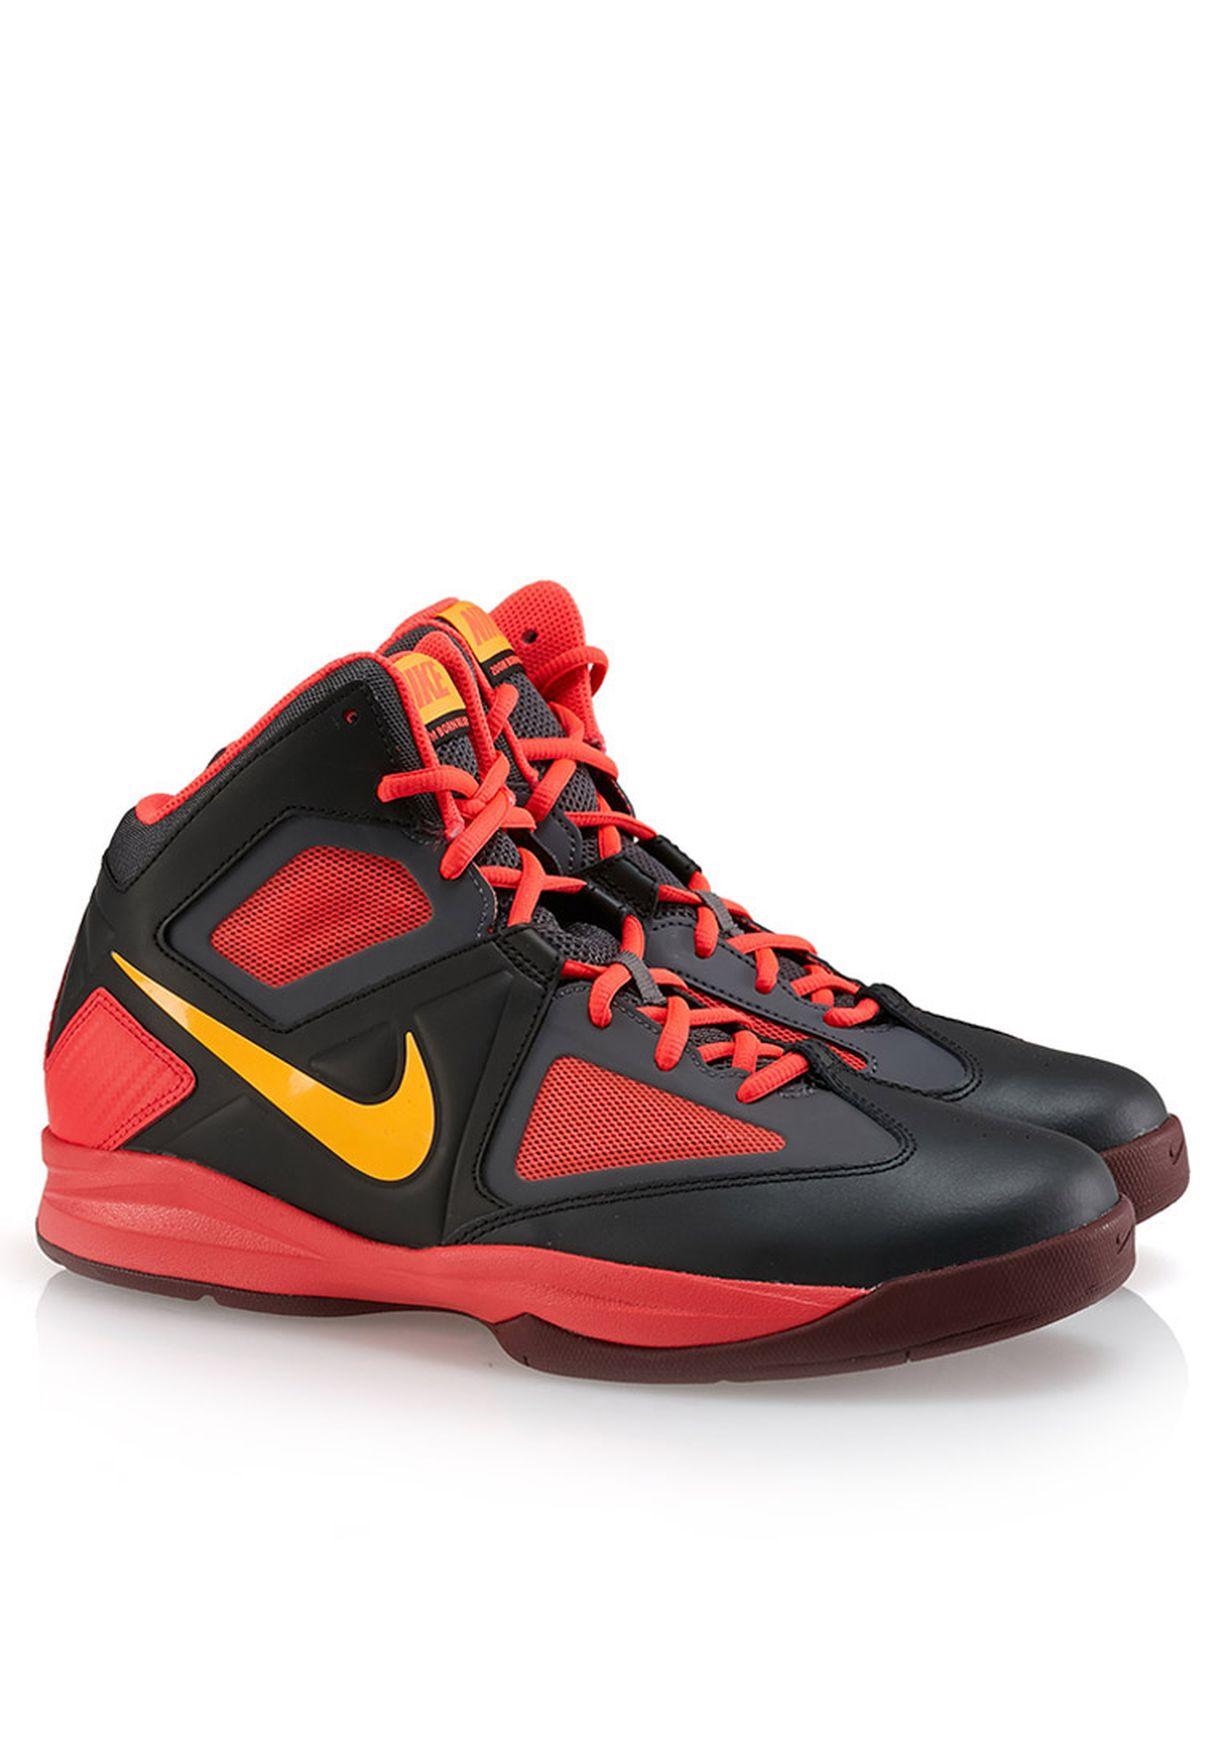 herramienta Nunca para justificar  Buy Nike multicolor Nike Zoom Born Ready for Men in MENA, Worldwide |  610229-009